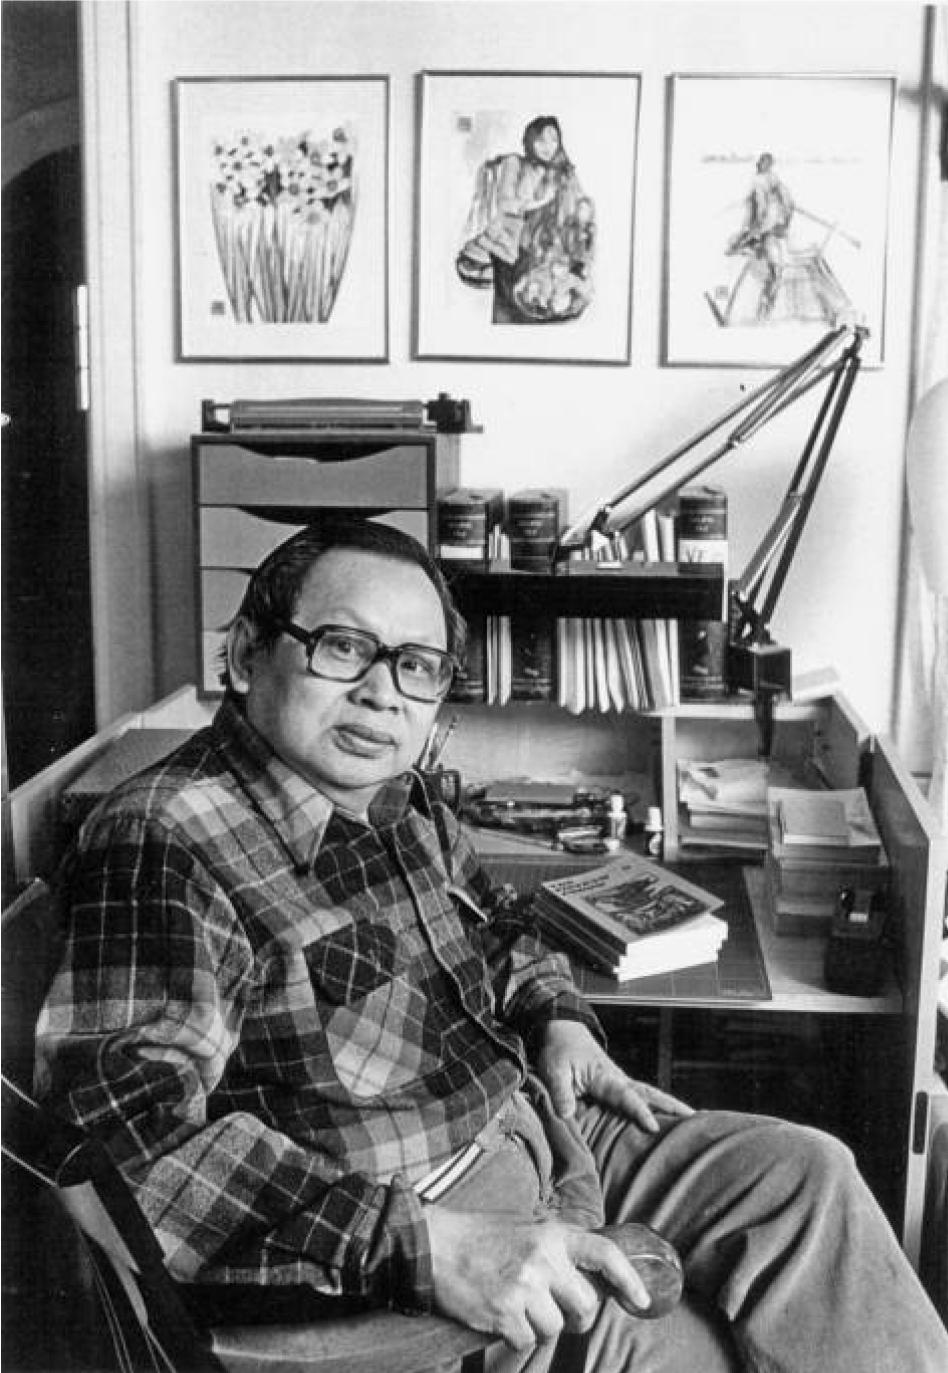 Huỳnh Sanh Thông in his study